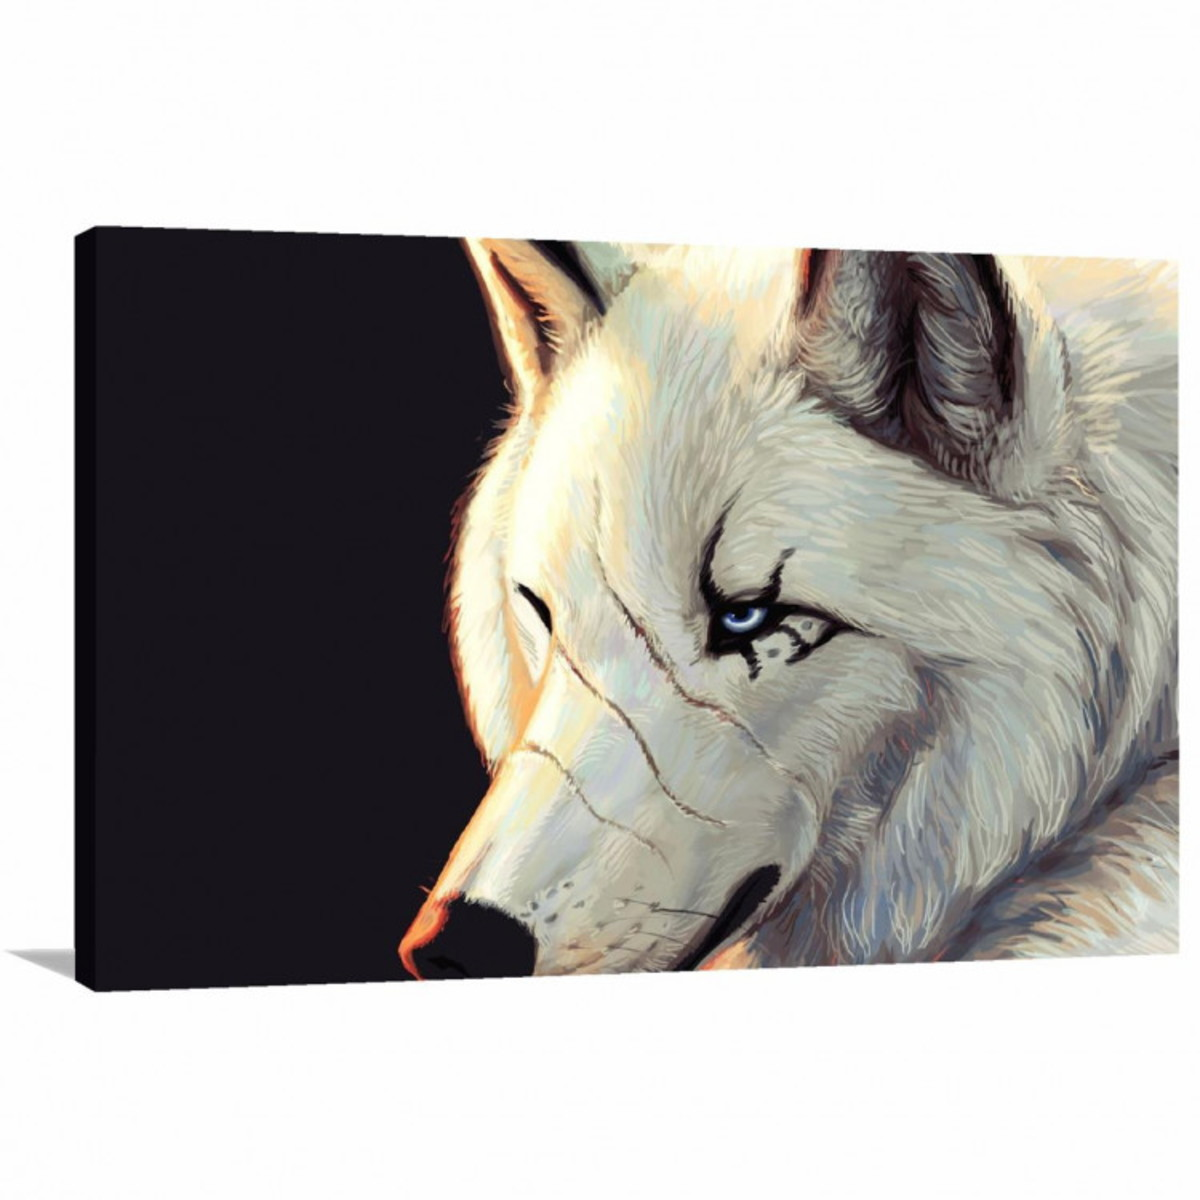 c882bdd01 Quadro decorativo Lobo Branco Animais com Tela de Tecido no Elo7 ...